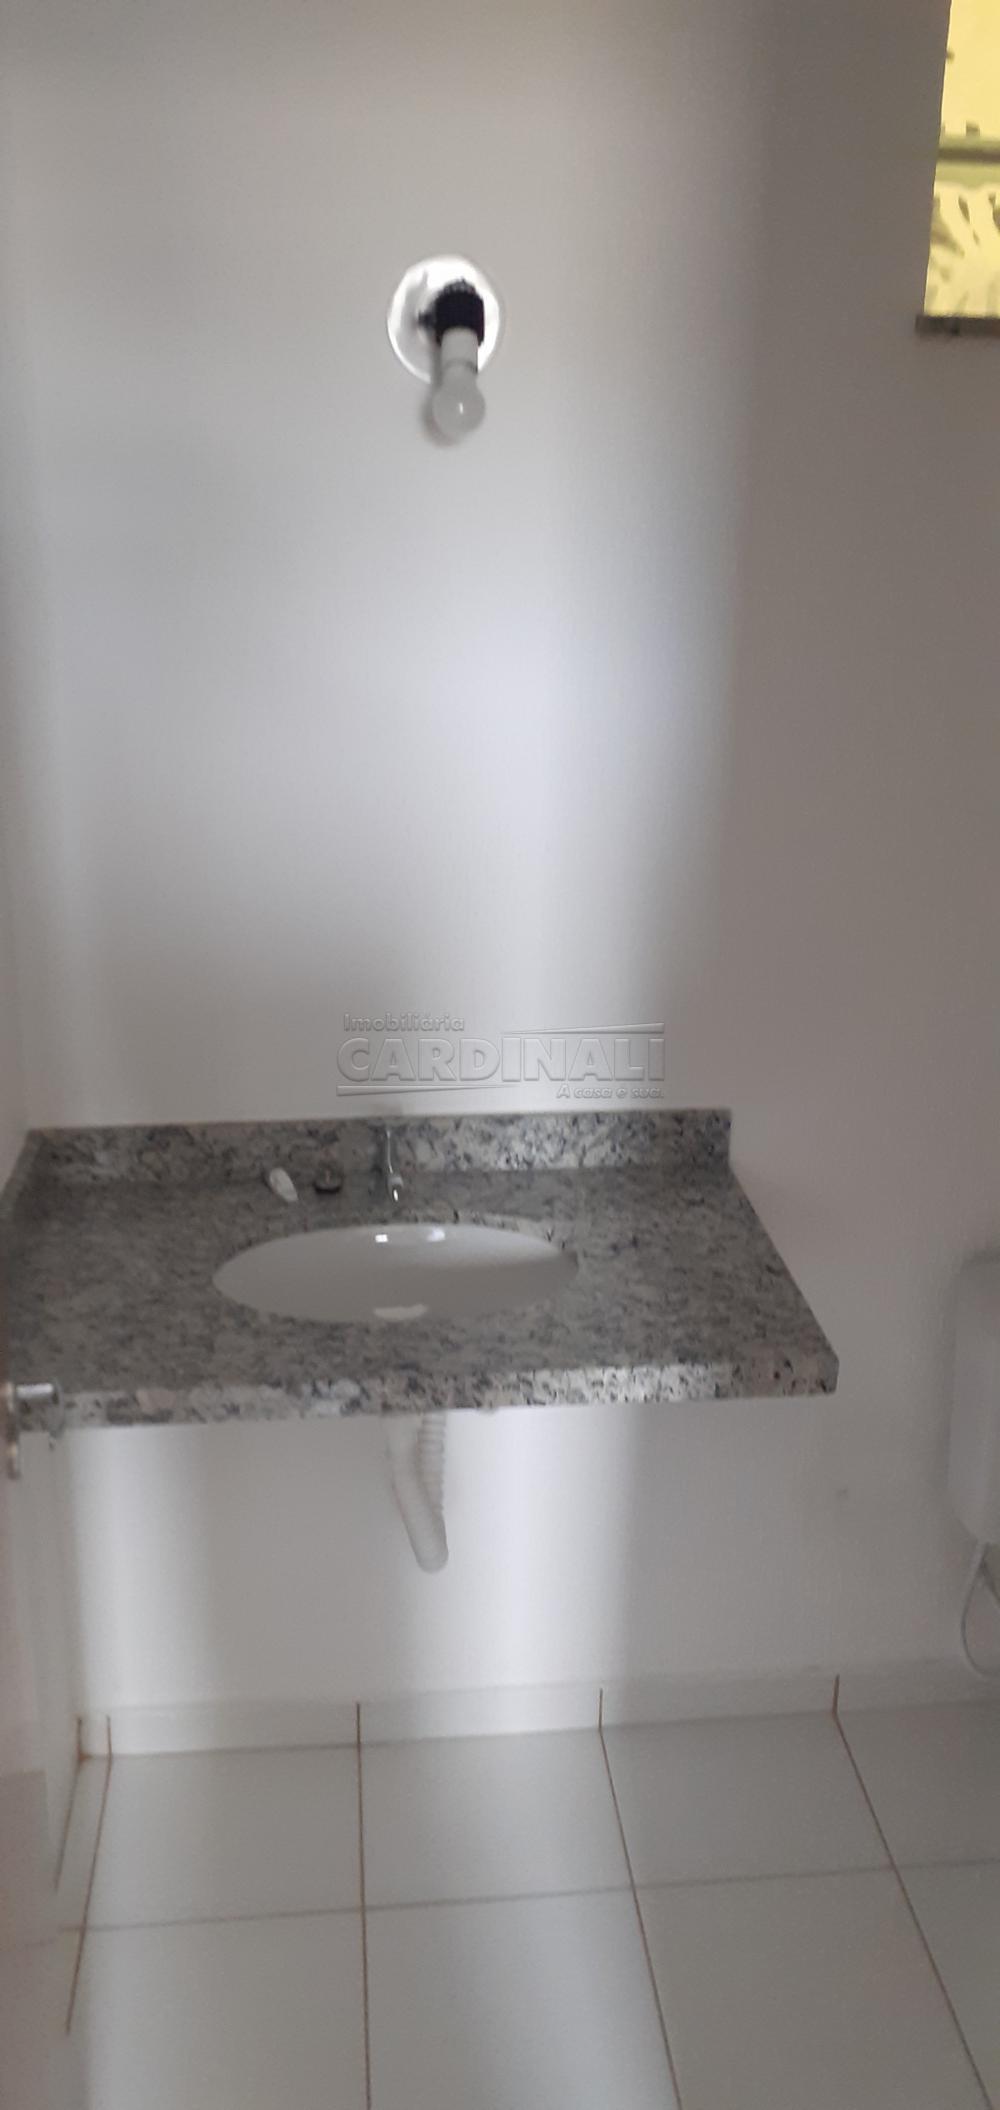 Alugar Apartamento / Padrão em São Carlos R$ 900,00 - Foto 10